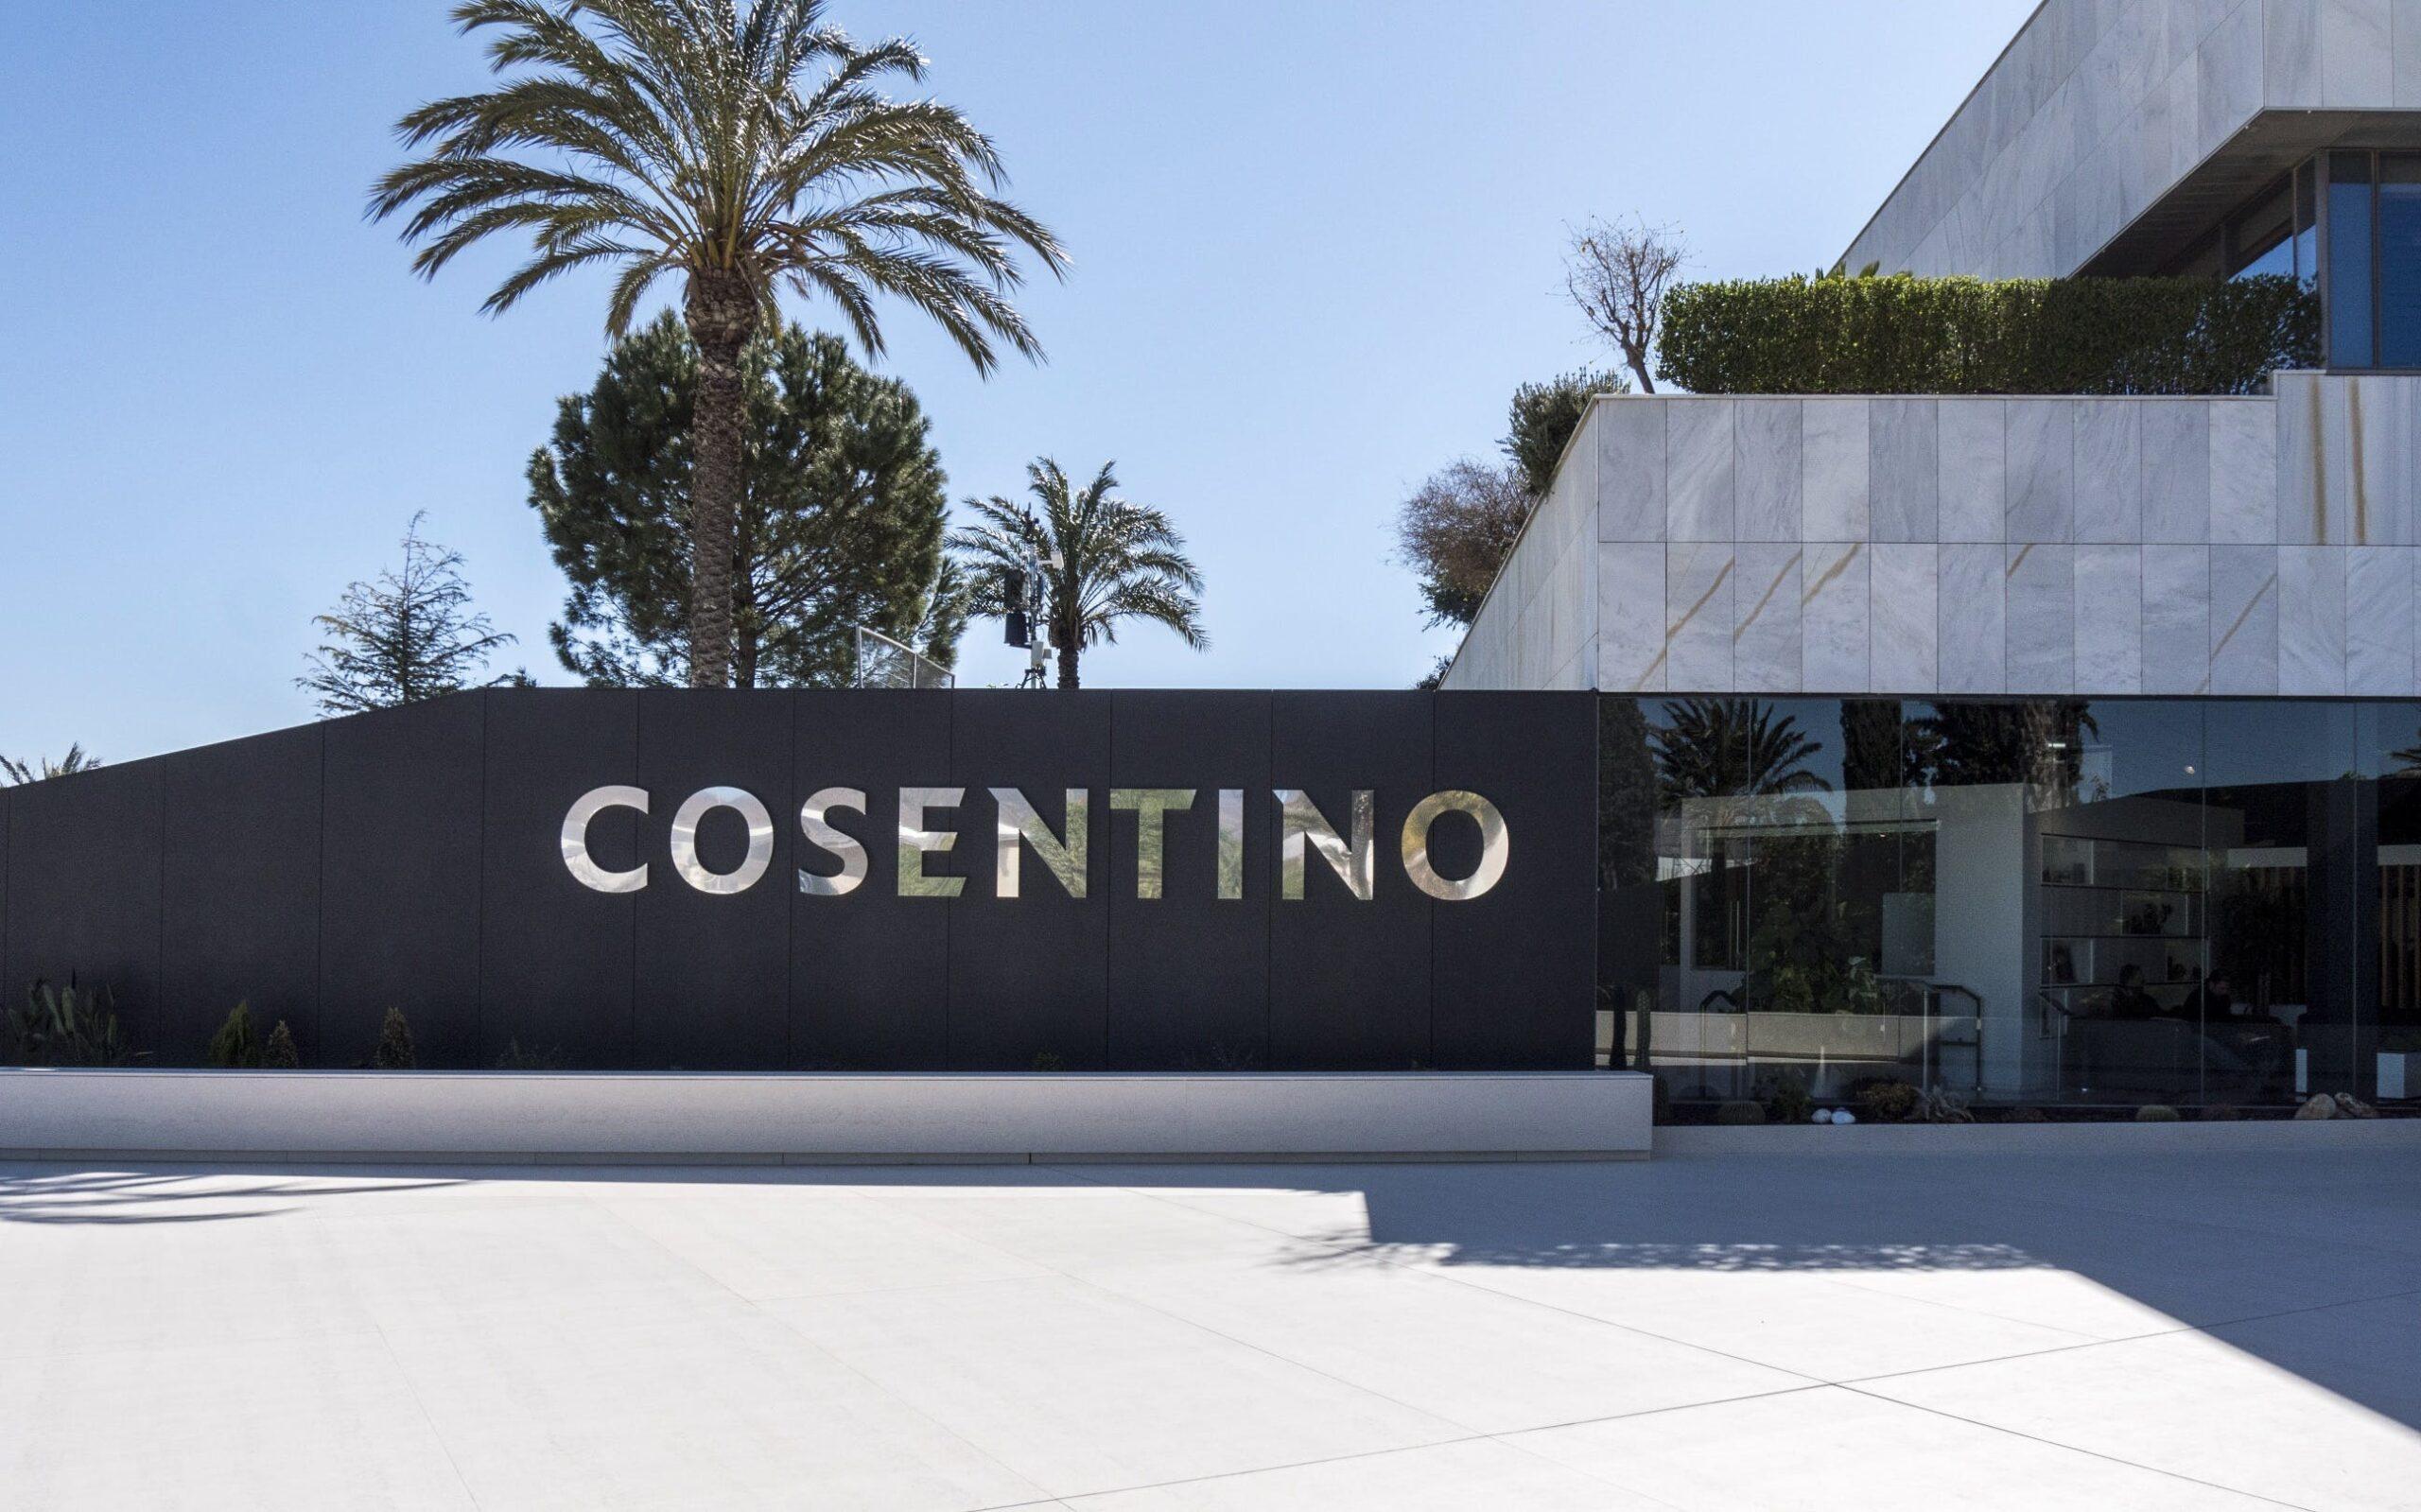 Image of Entrada HQ Cosentino 1 2 3 scaled in Cosentino Group reaches Euro 984.5 million turnover in 2018 - Cosentino